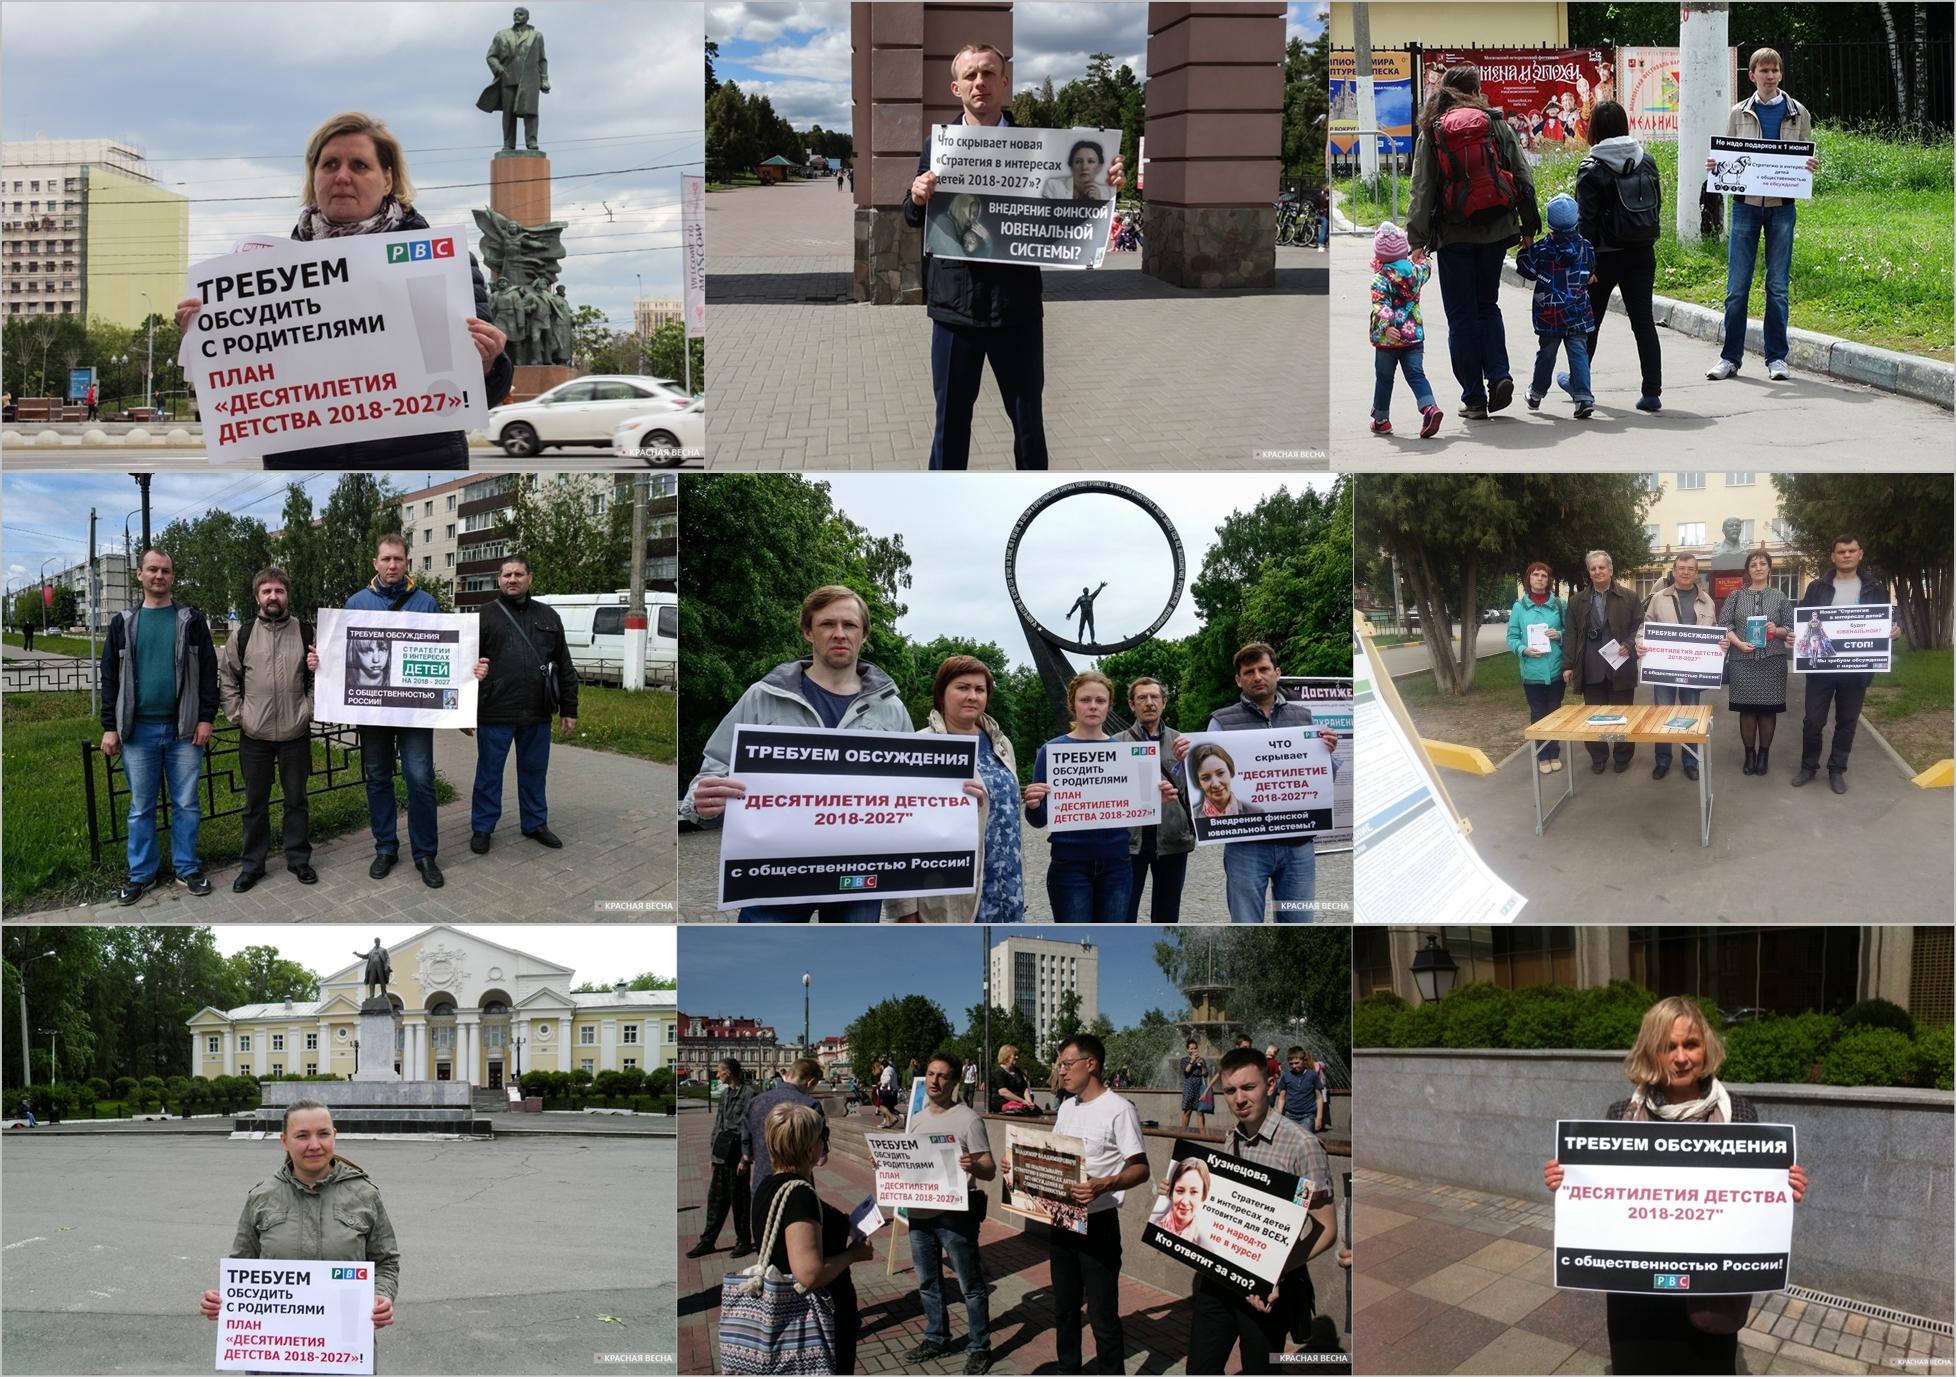 Пошла волна протестных пикетов против необсужденной Стратегии детства. pic16